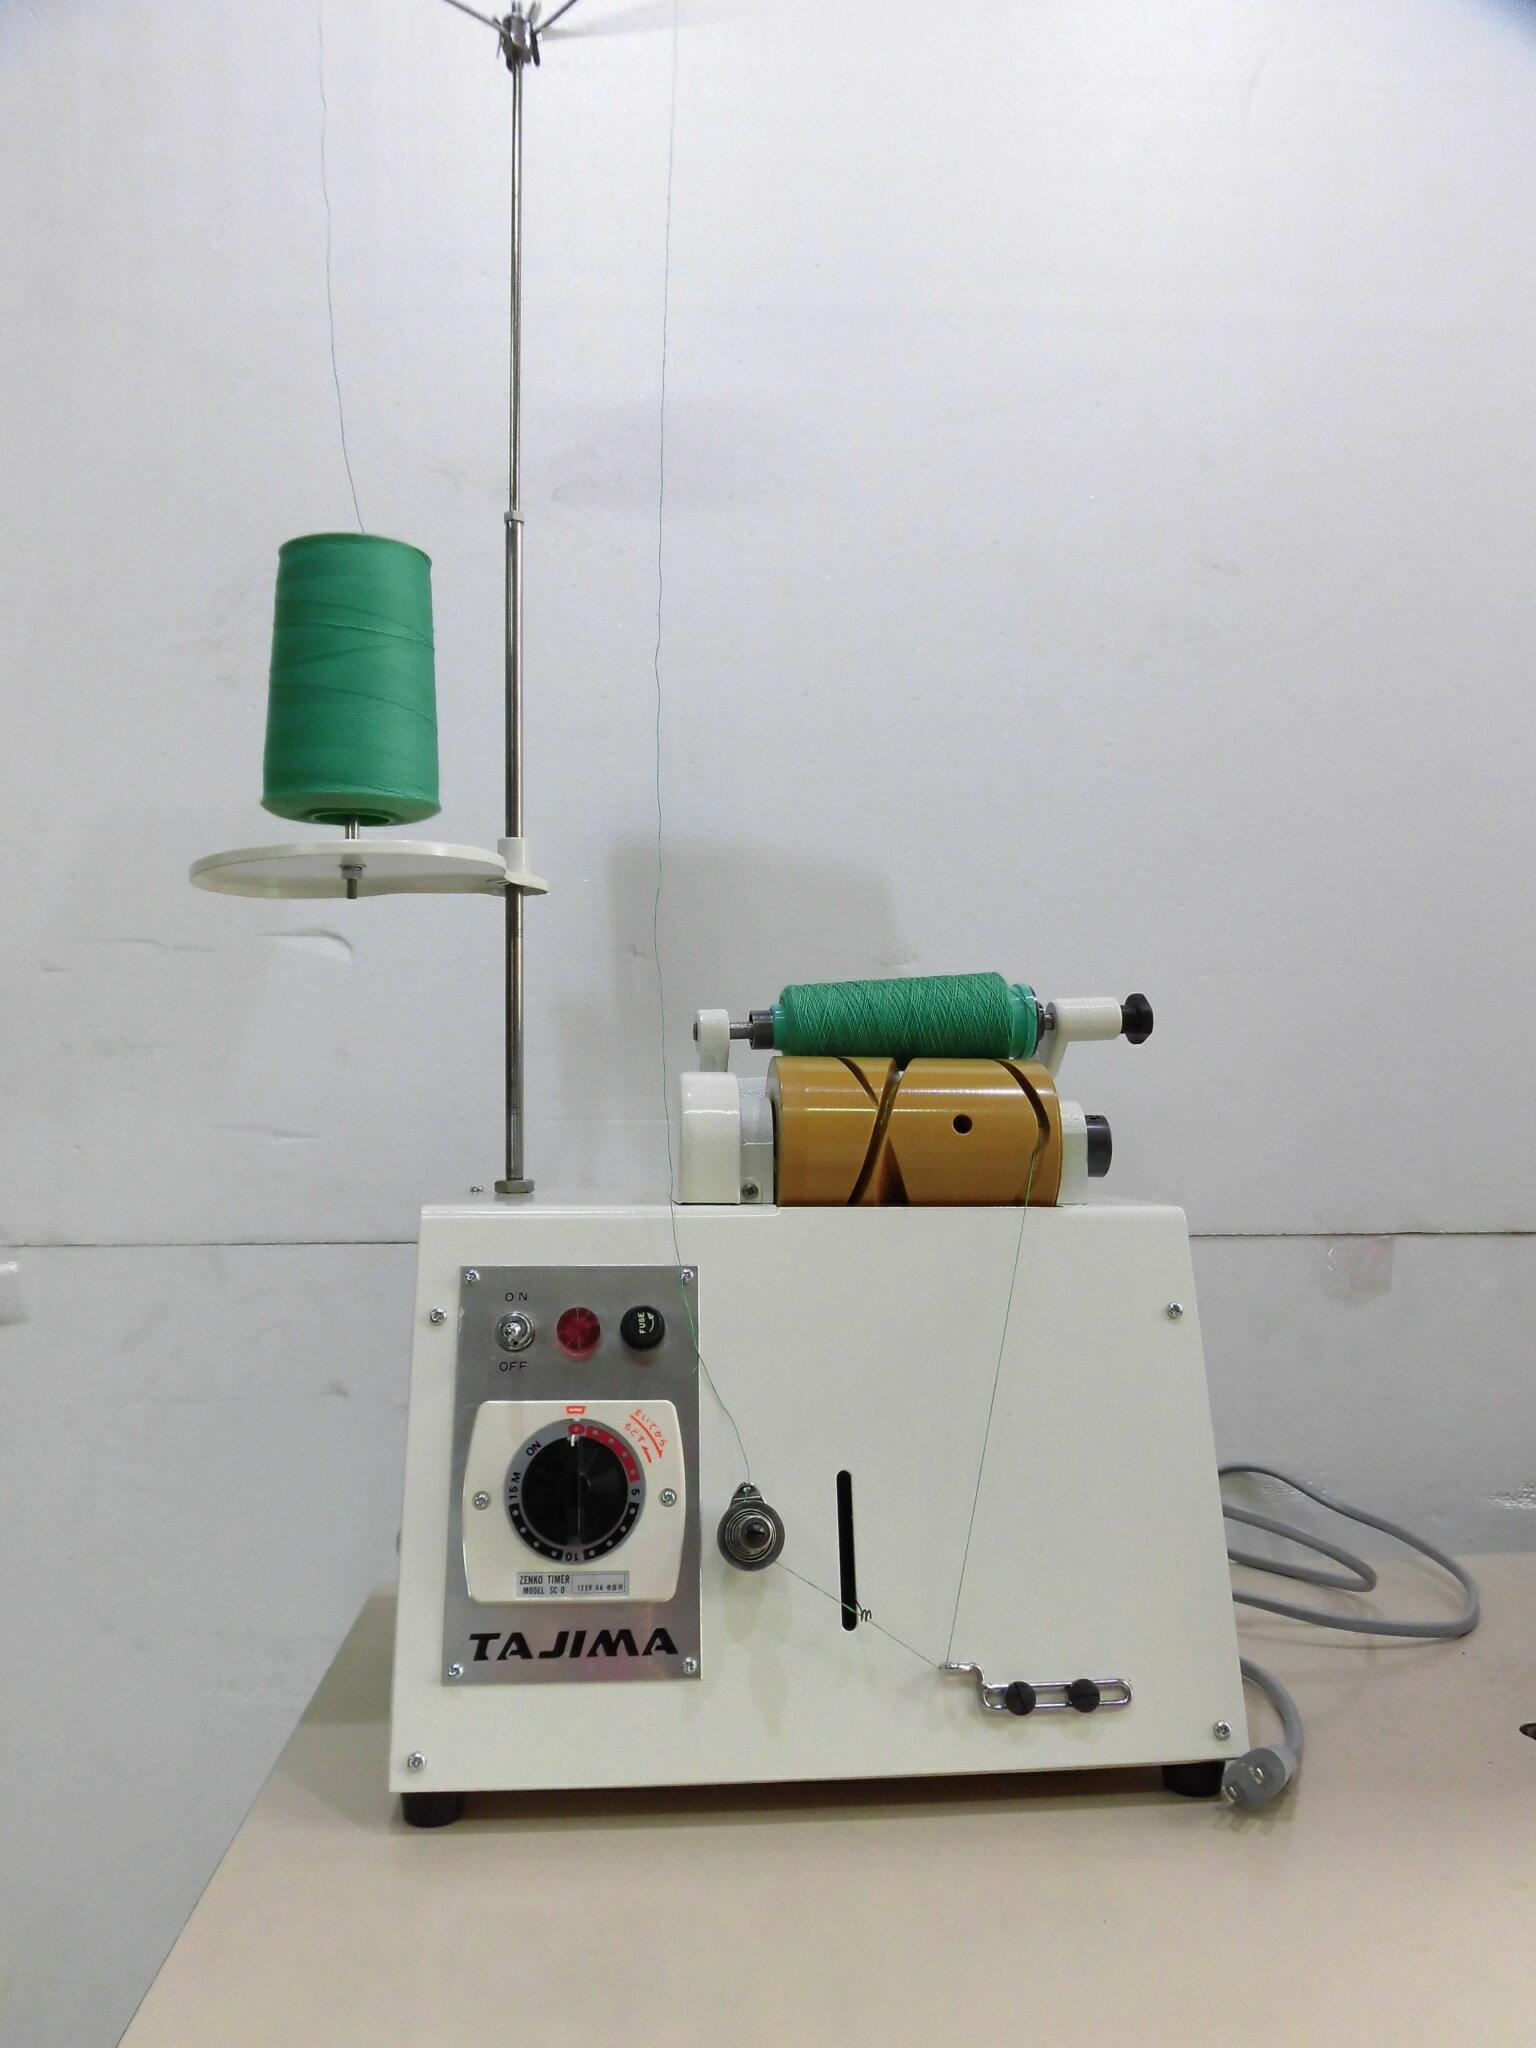 【中古】タジマ製 糸こわけ器 モデルNO-TS-5型 弊社にて整備済。糸の小分け機